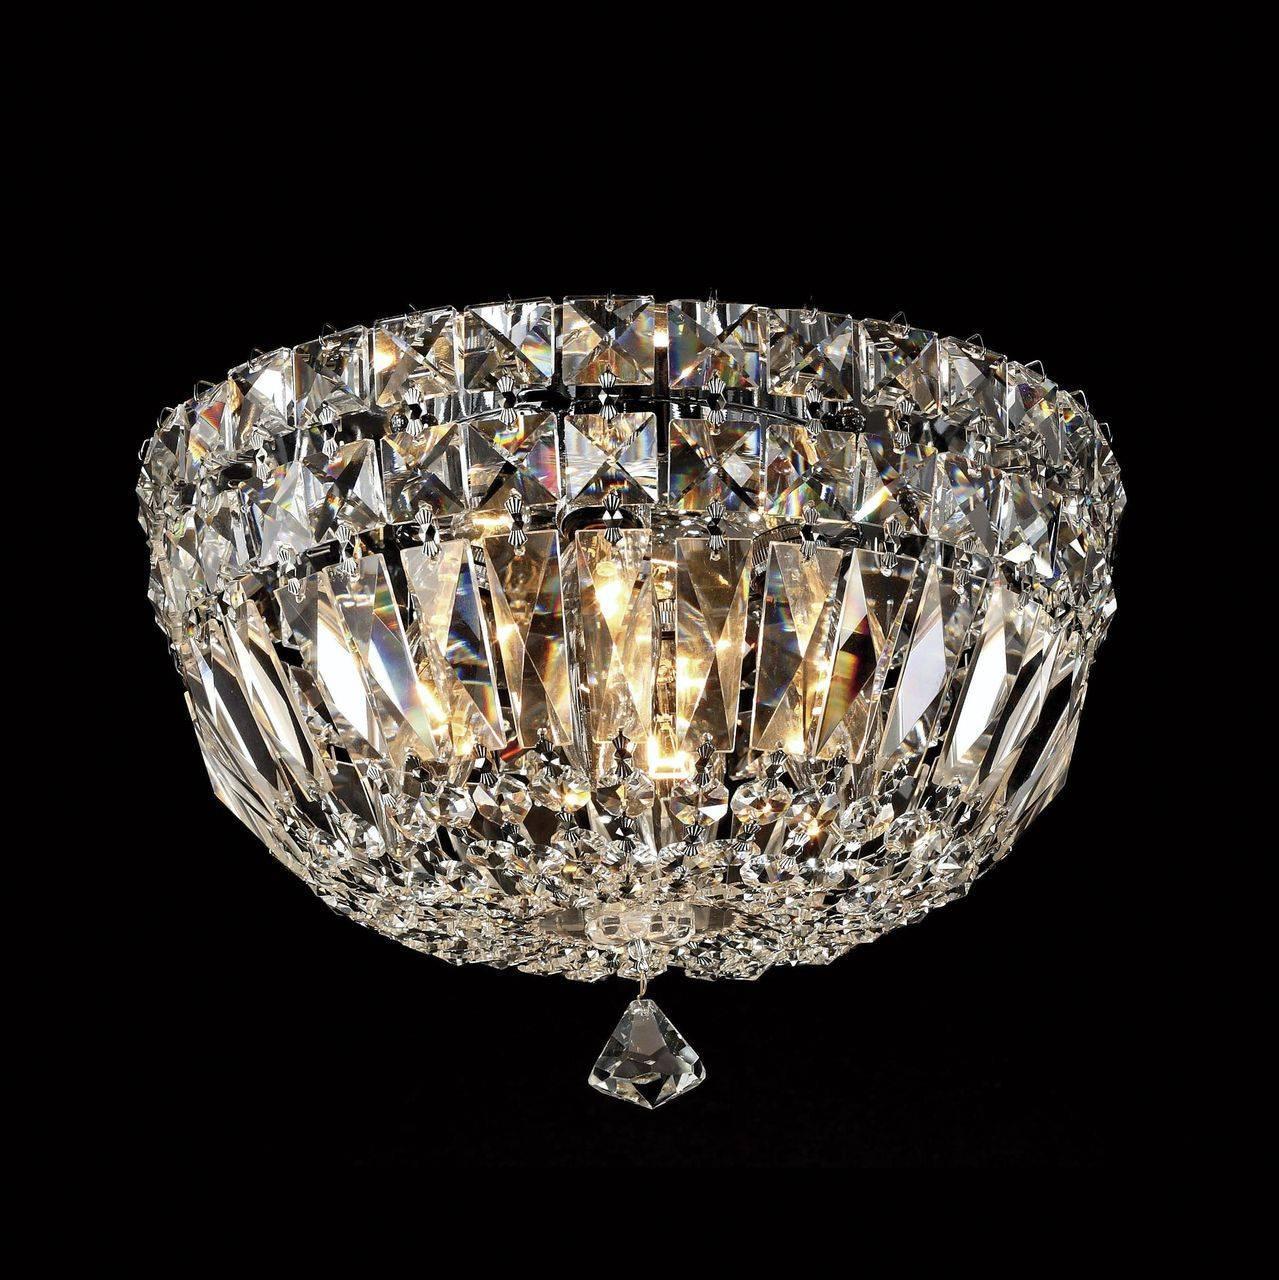 Потолочный светильник Mantra Crystal 4611 цена 2017